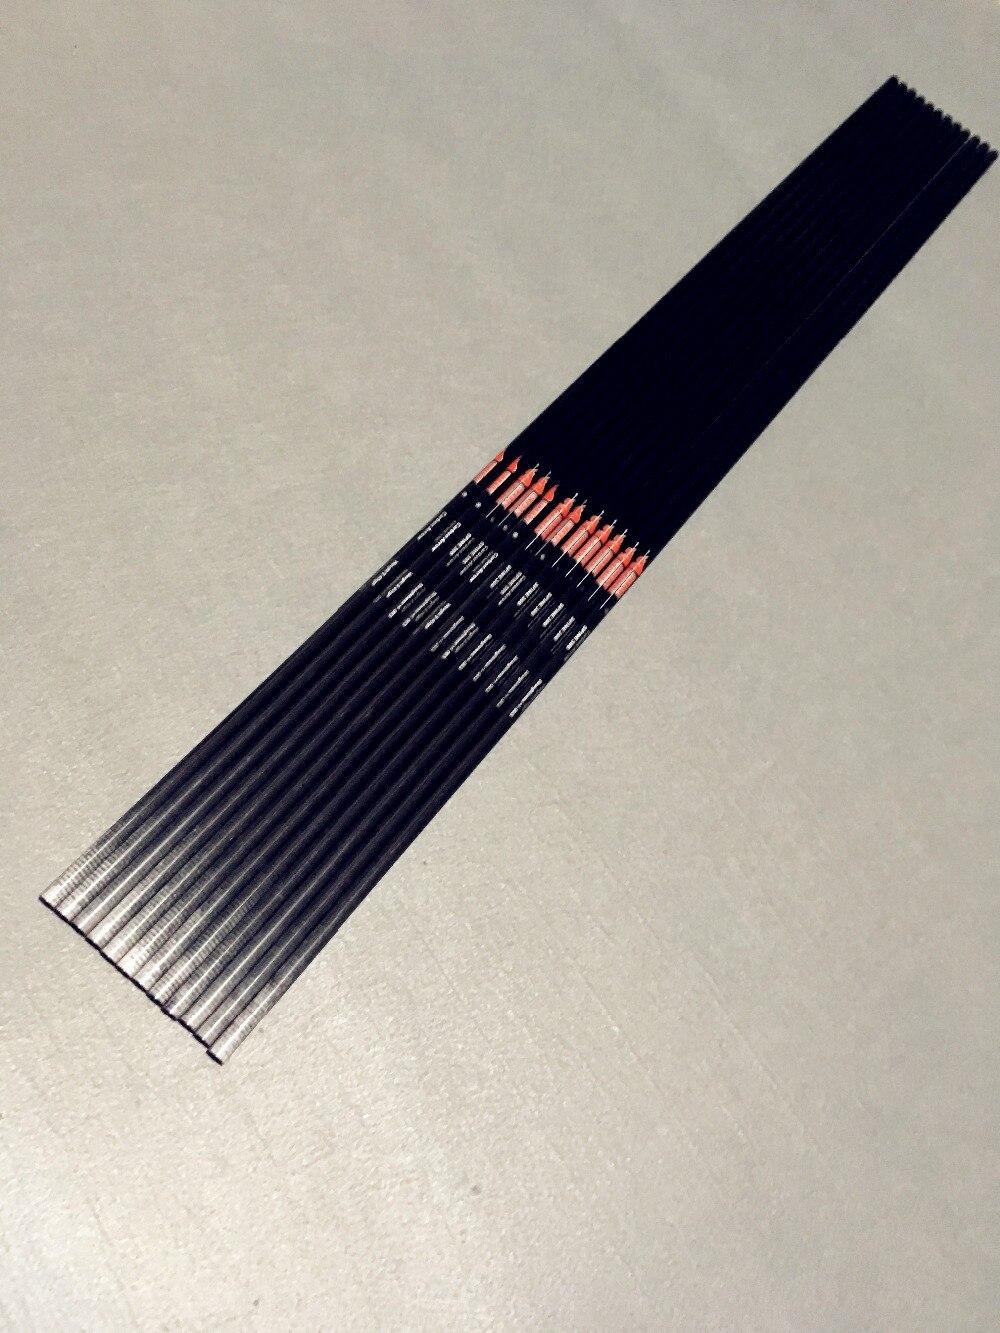 spine 300 340 400 500 600 12pcs pure carbon arrow shafts Recurve compound bow archery